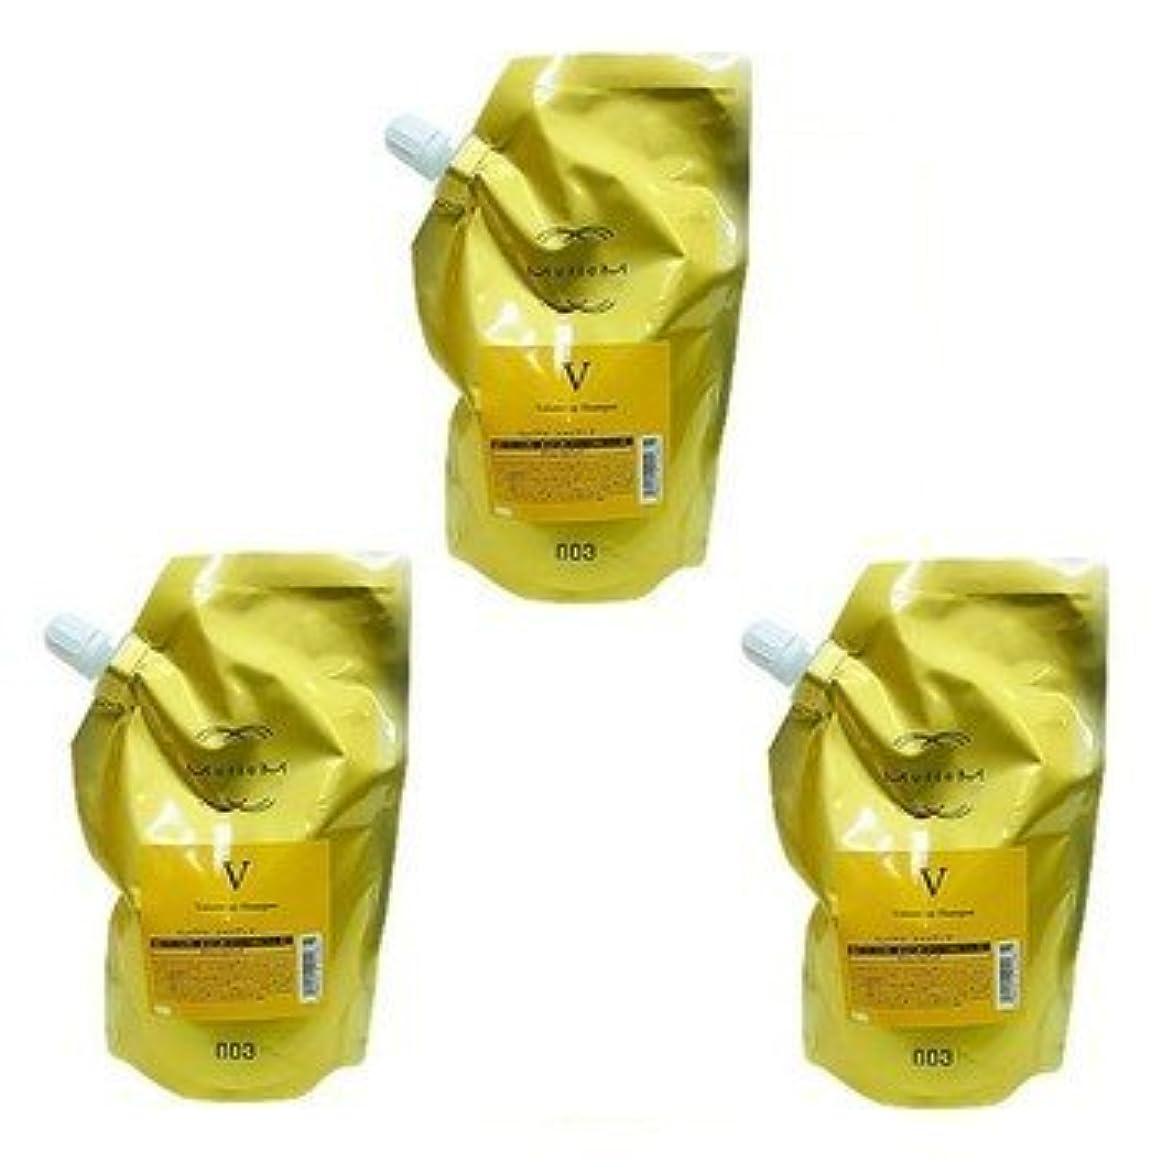 移民困惑したチート【X3個セット】 ナンバースリー ミュリアム ゴールド シャンプー V 500ml 詰替え用